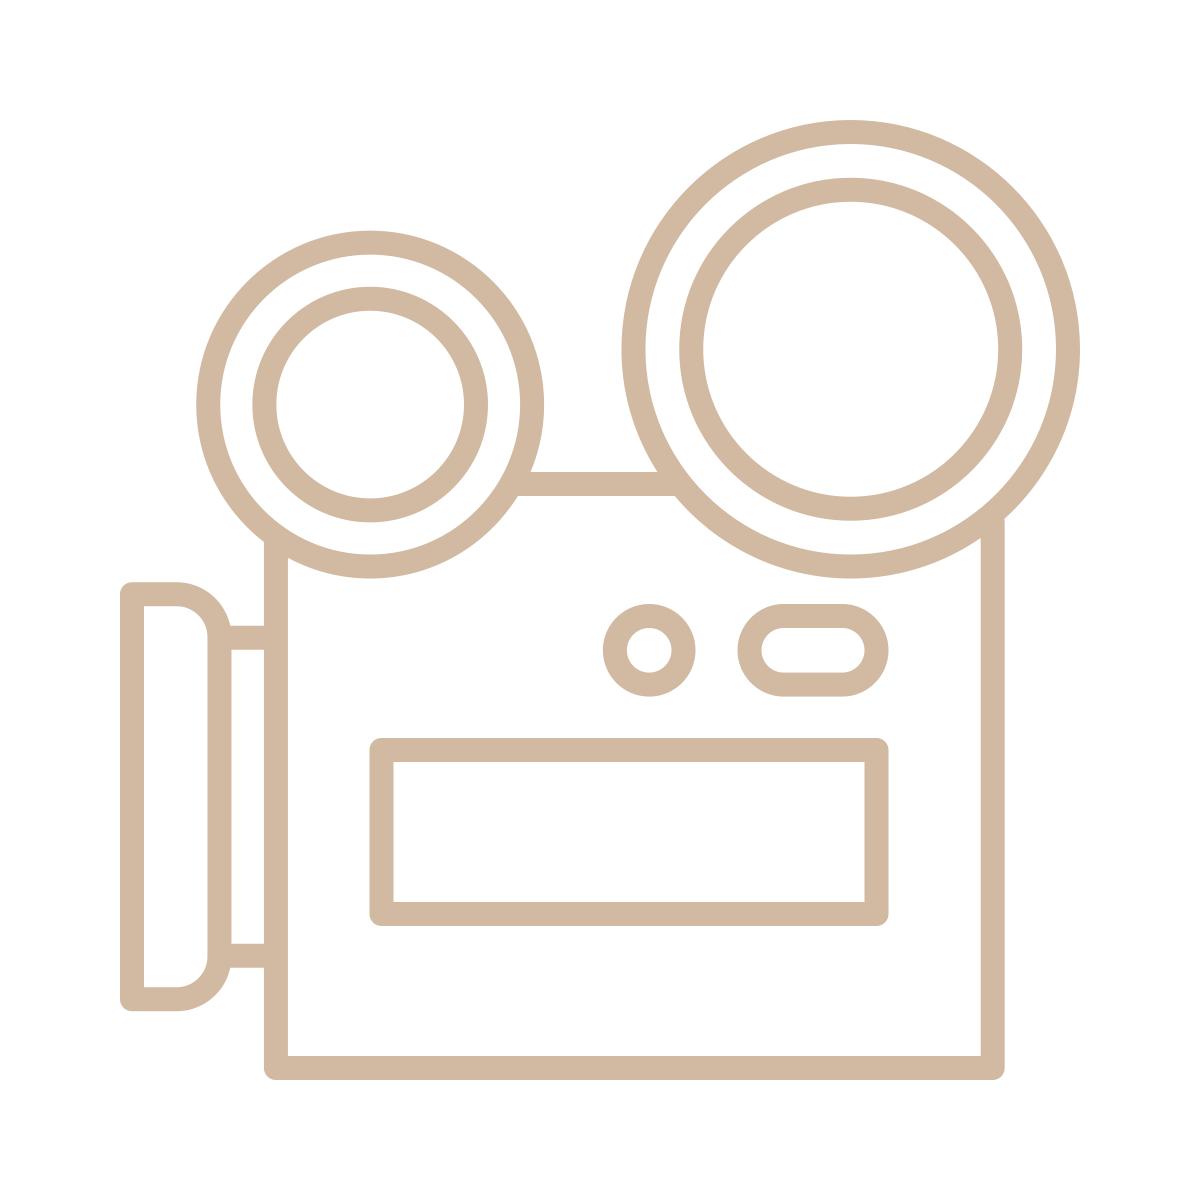 noun_videography_1704300_d2b9a2.png